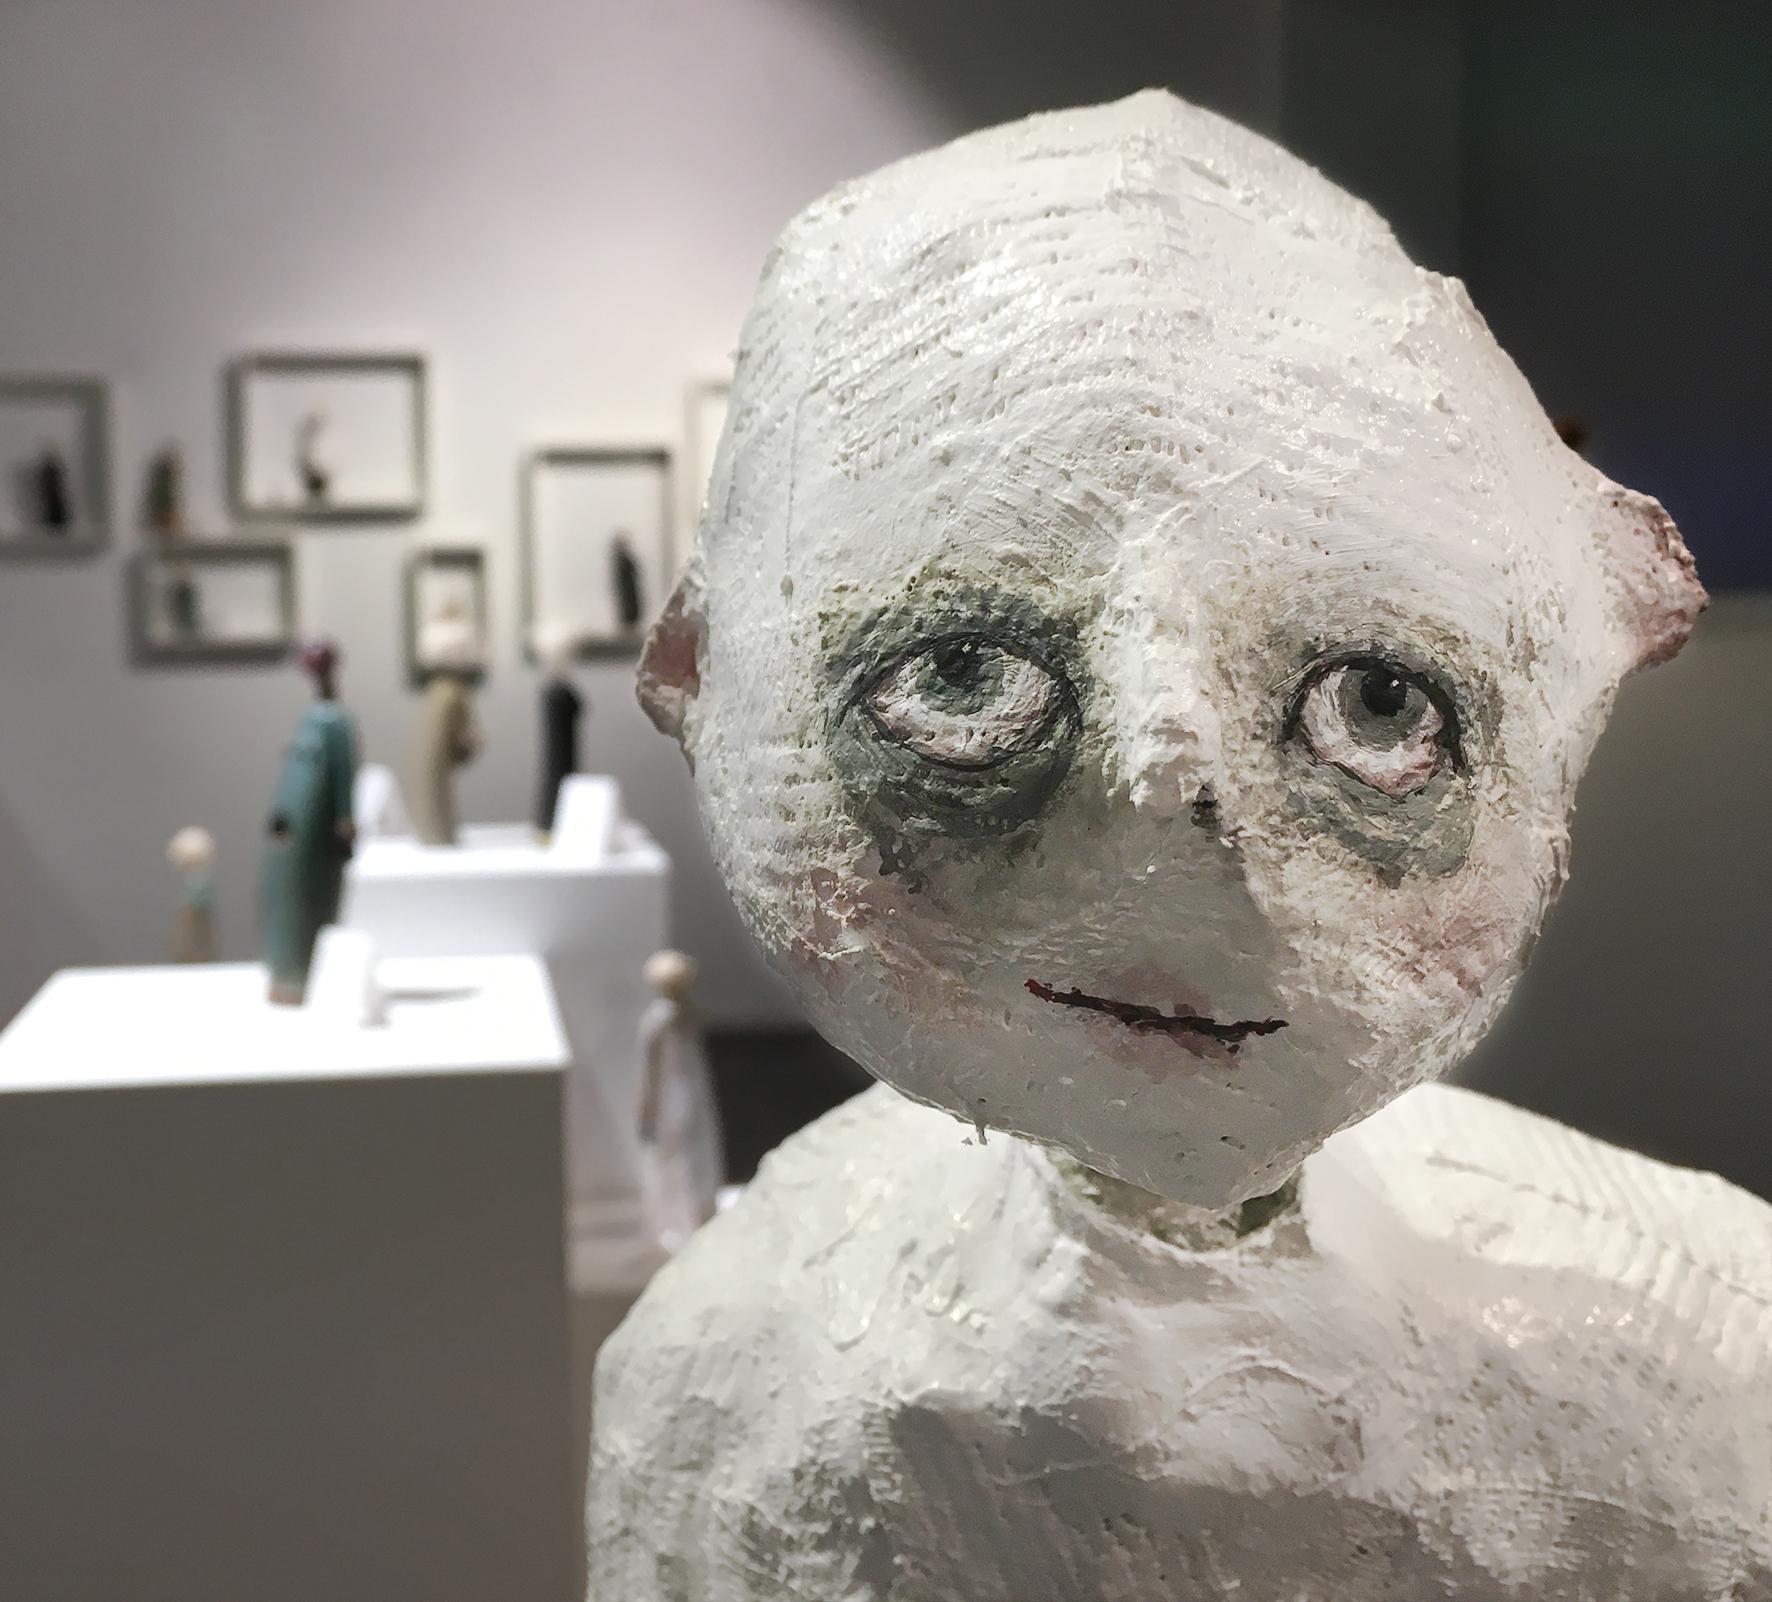 Skulpturkurs - med fokus på papier maché.5 tisdagkvällar med start den 7 maj undersöker vi former och nygamla material.Plats: Hallarna, NorrköpingPris: 1500:-Låter kul! Jag vill veta mer!